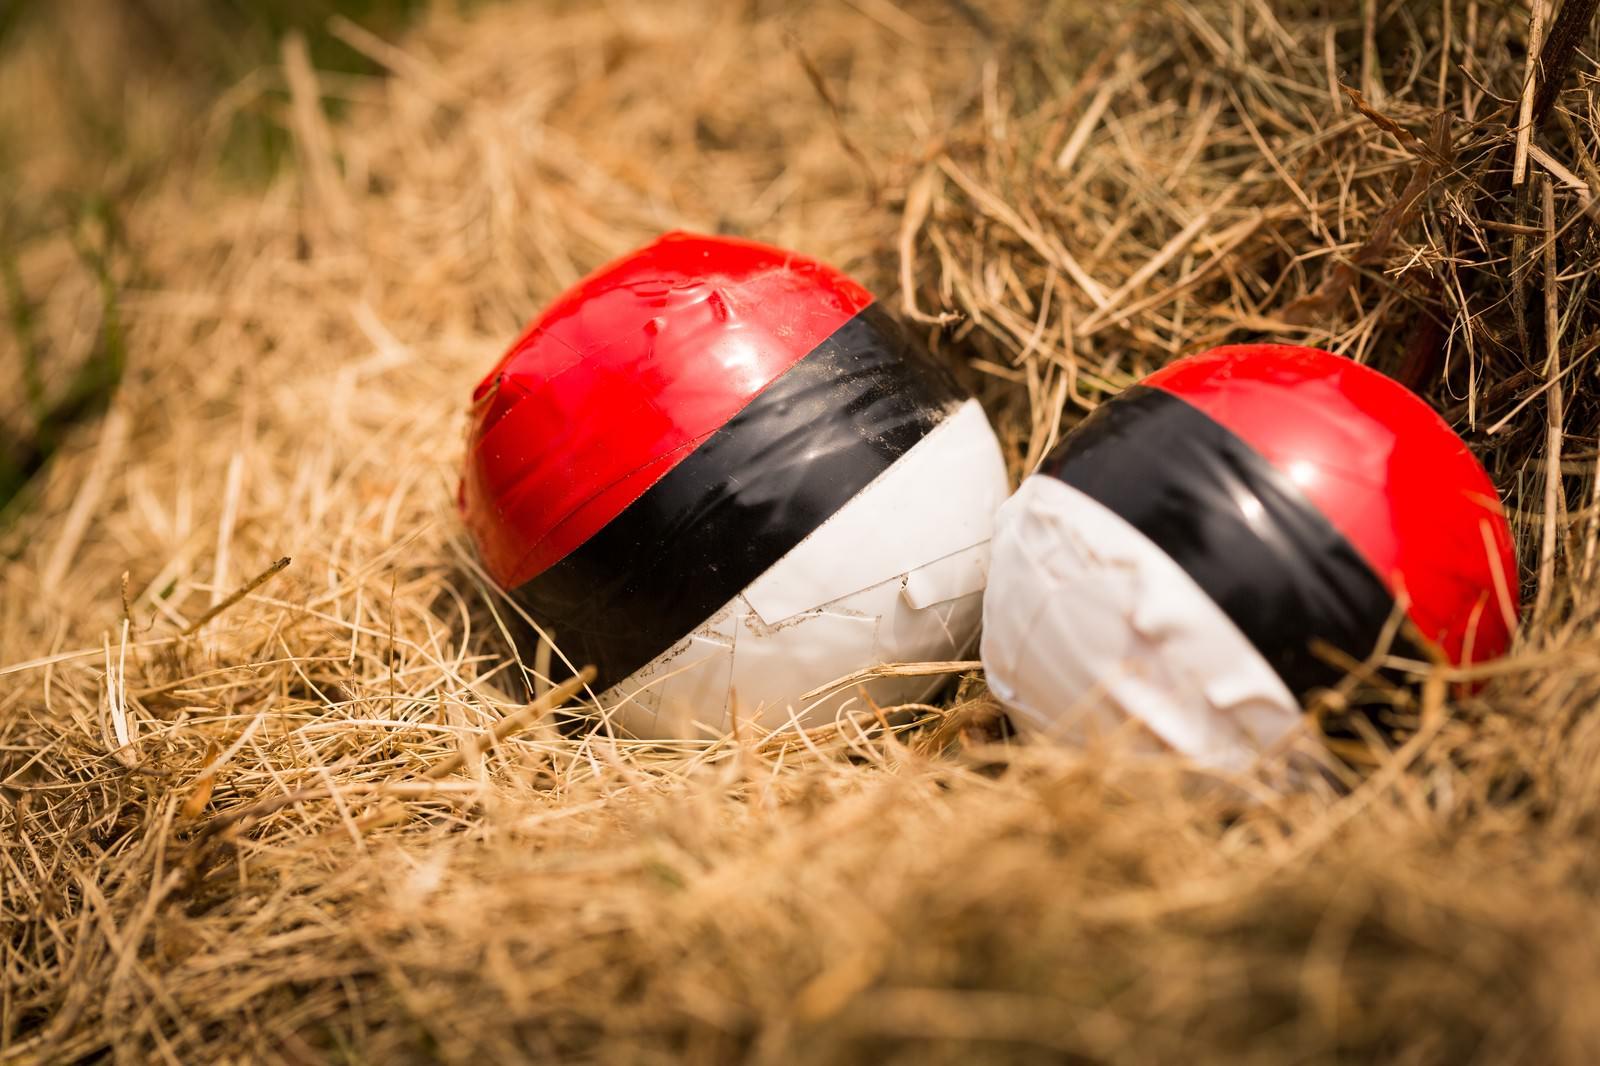 「孵化を待つ紅白ボール」の写真